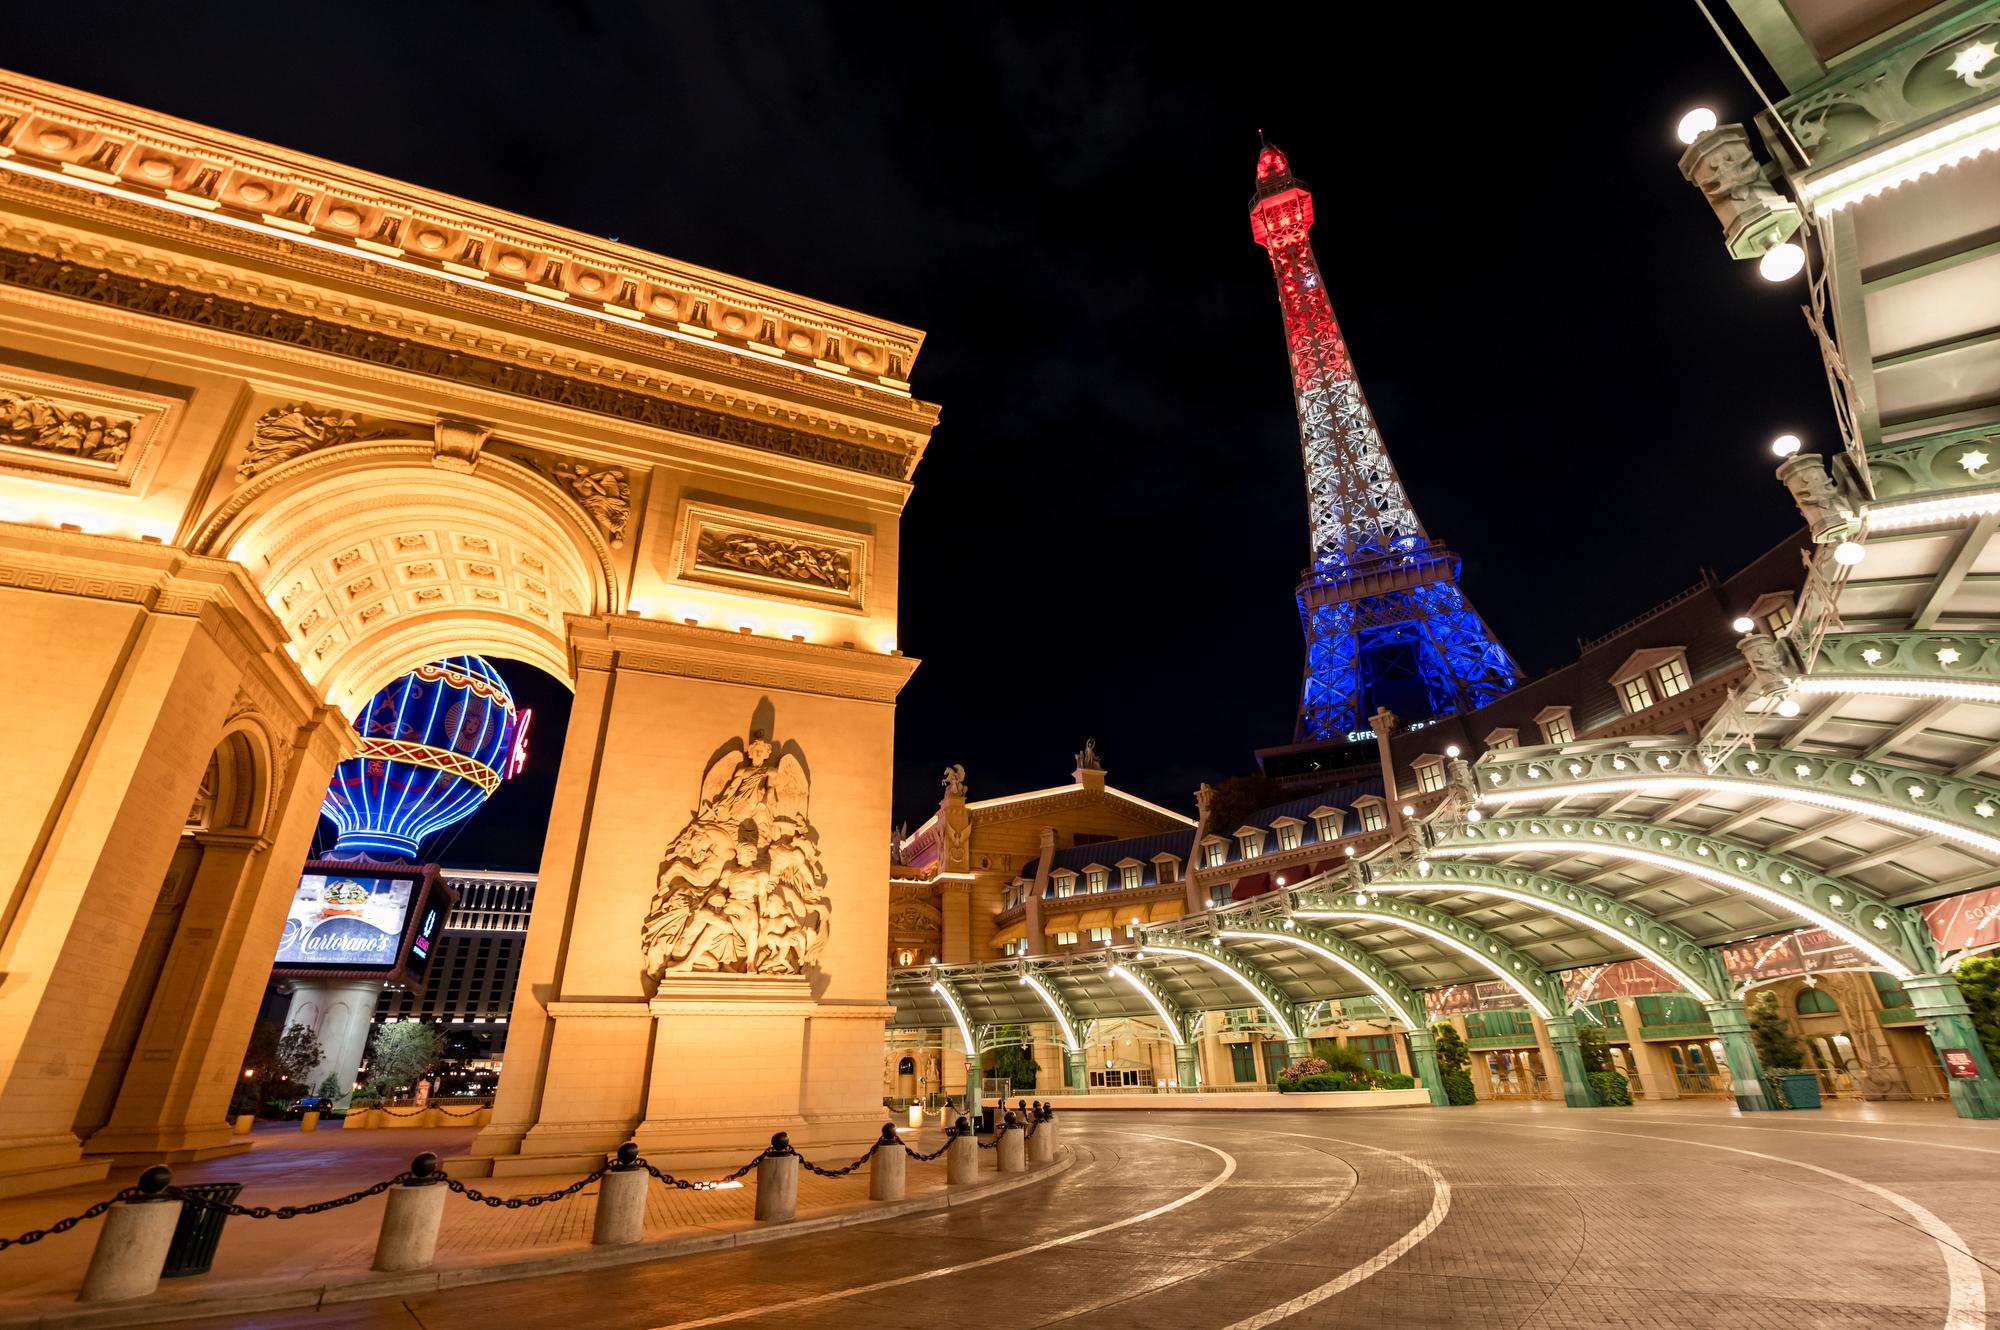 A night photo of Paris Las Vegas